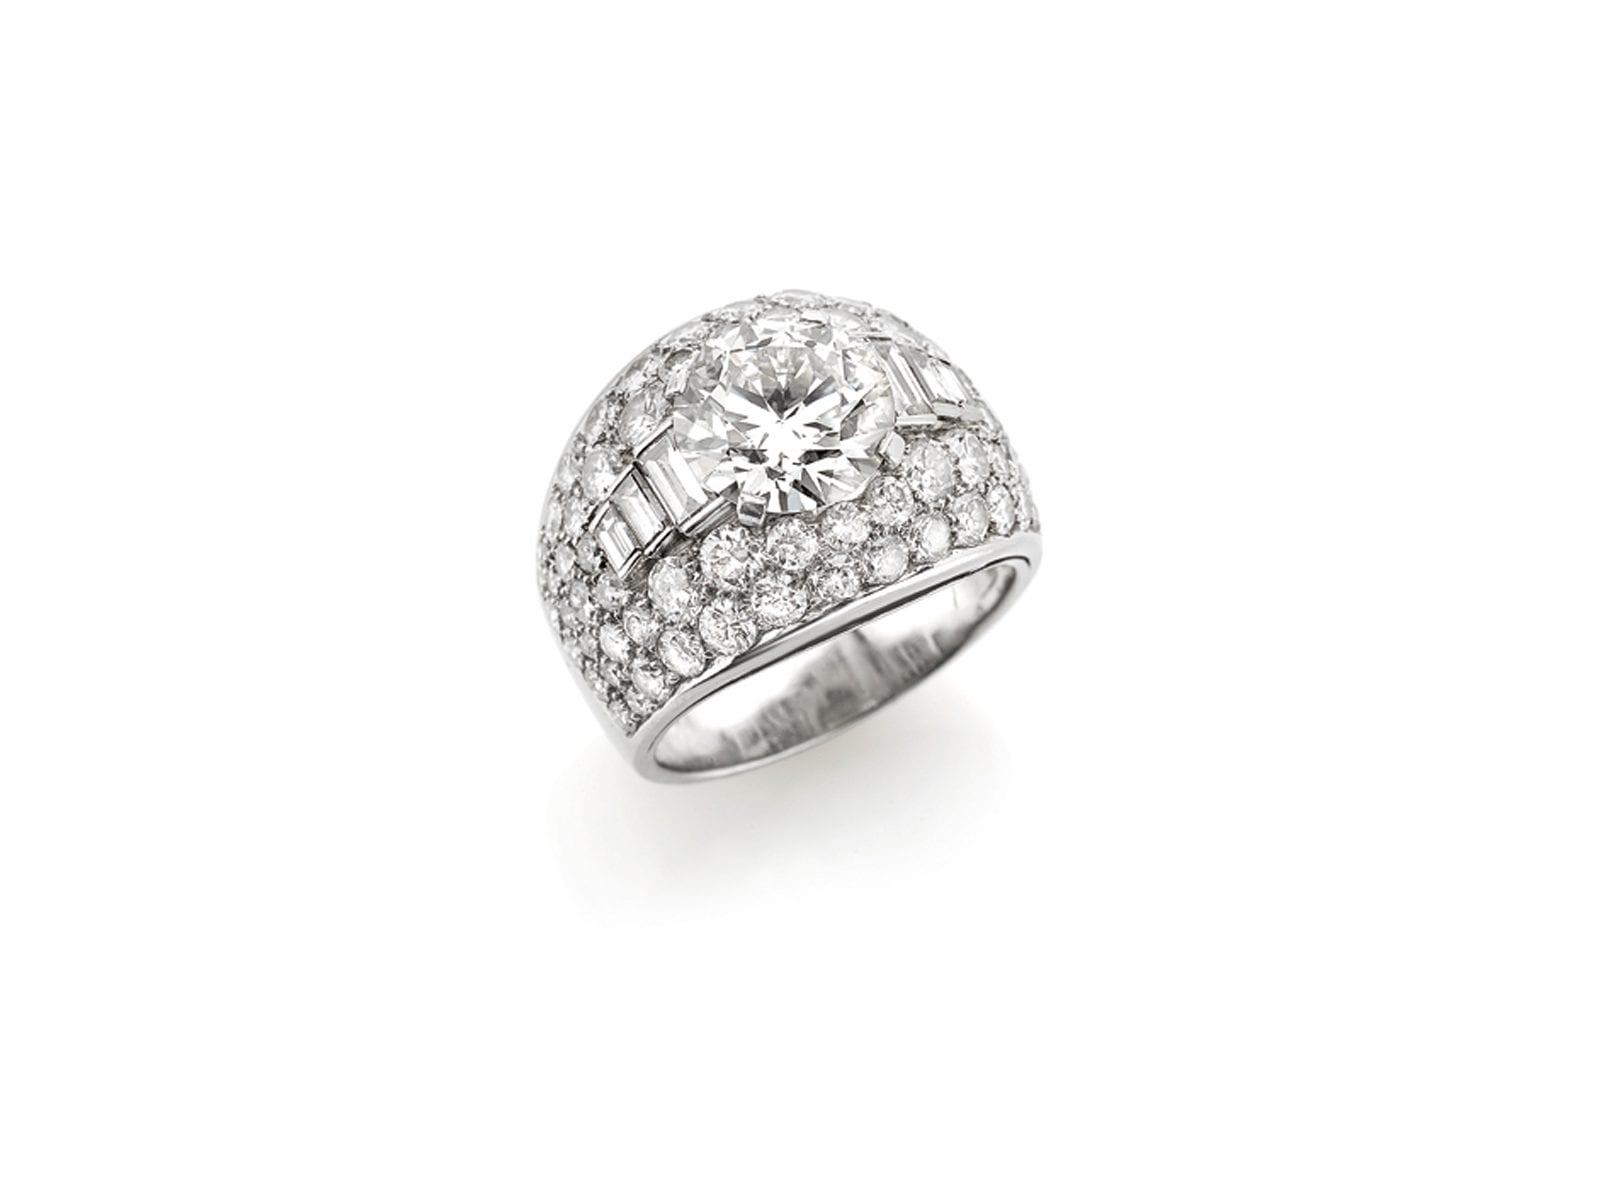 Anello in platino punzonato BVLGARI con diamante centrale old cut del peso di circa 3ct contornato da diamanti taglio brillante e baguette del peso complessivo di circa 3ct